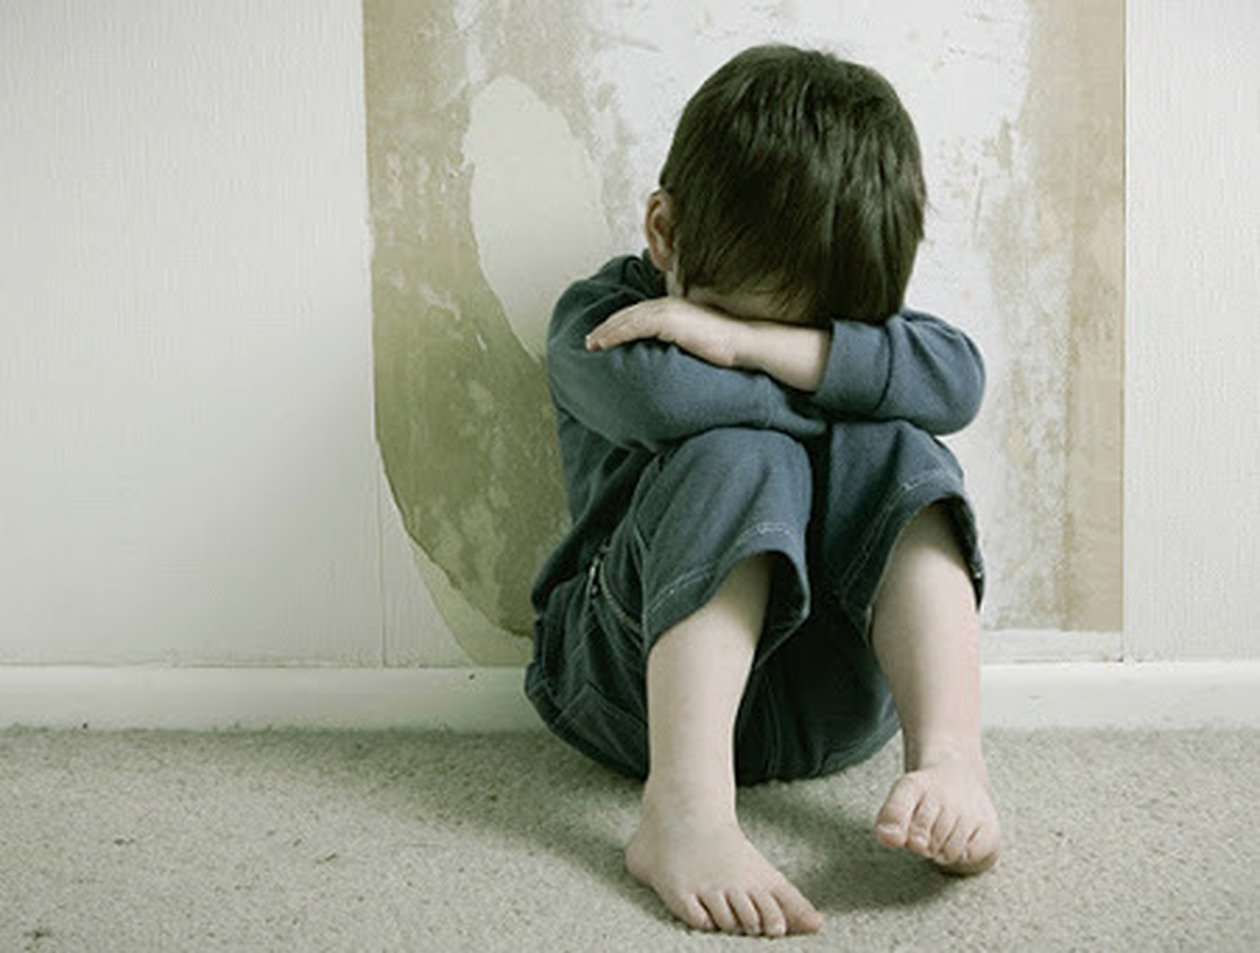 СМИ: в детдоме Крыма нашли истощенного ребенка весом 6 кг